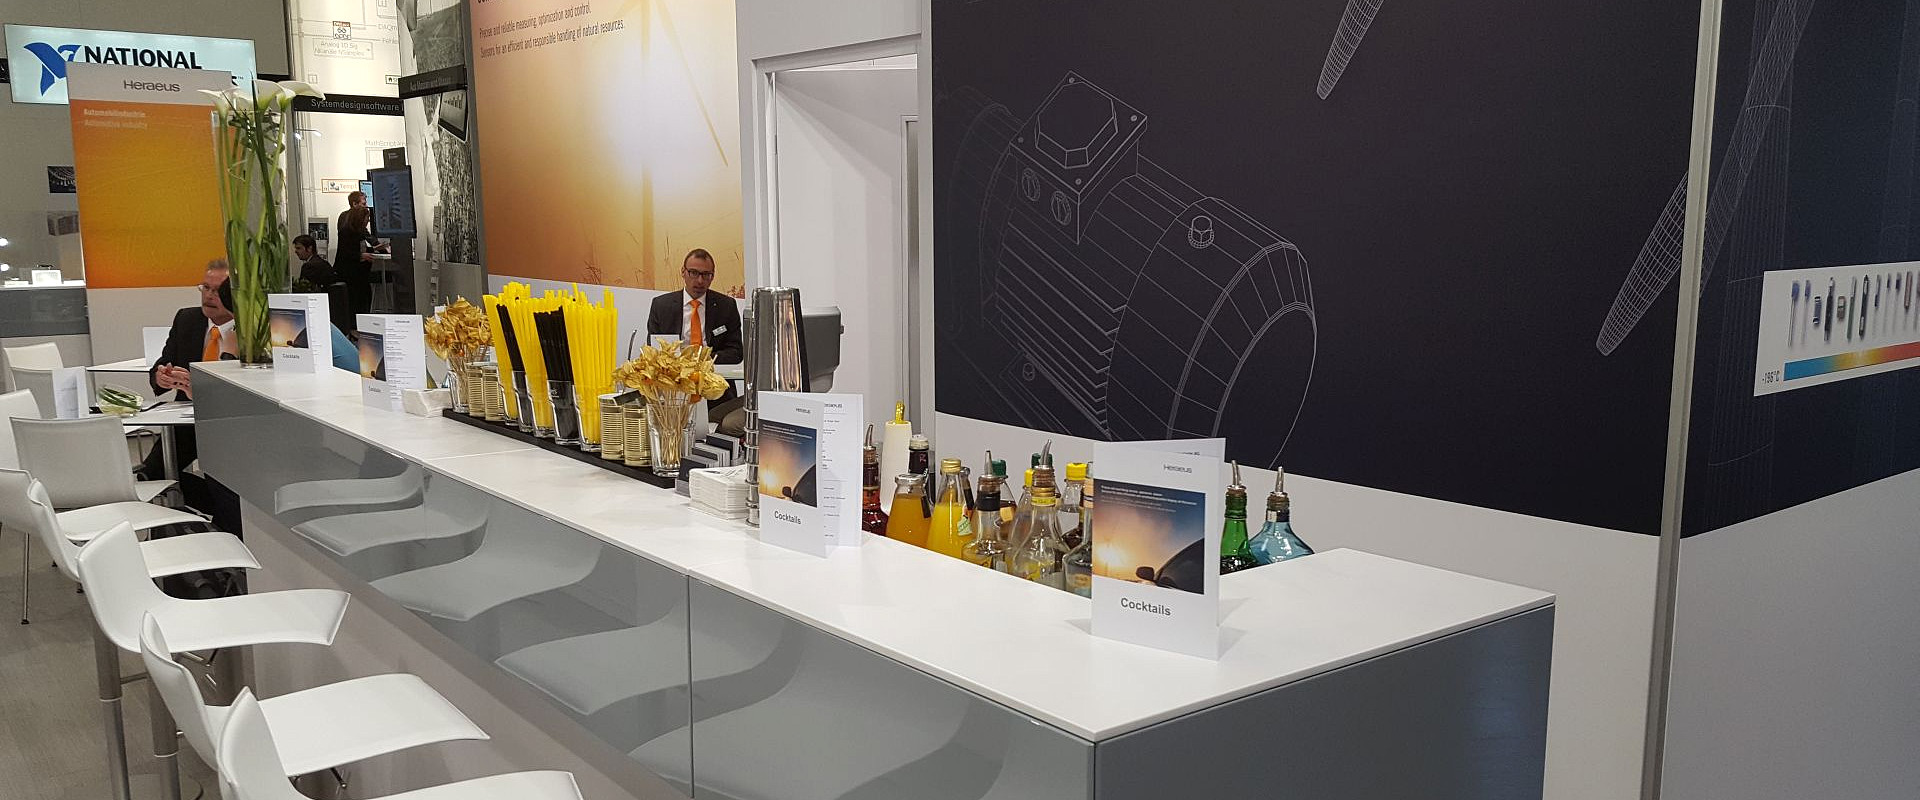 Cocktailbar Messe München 2016